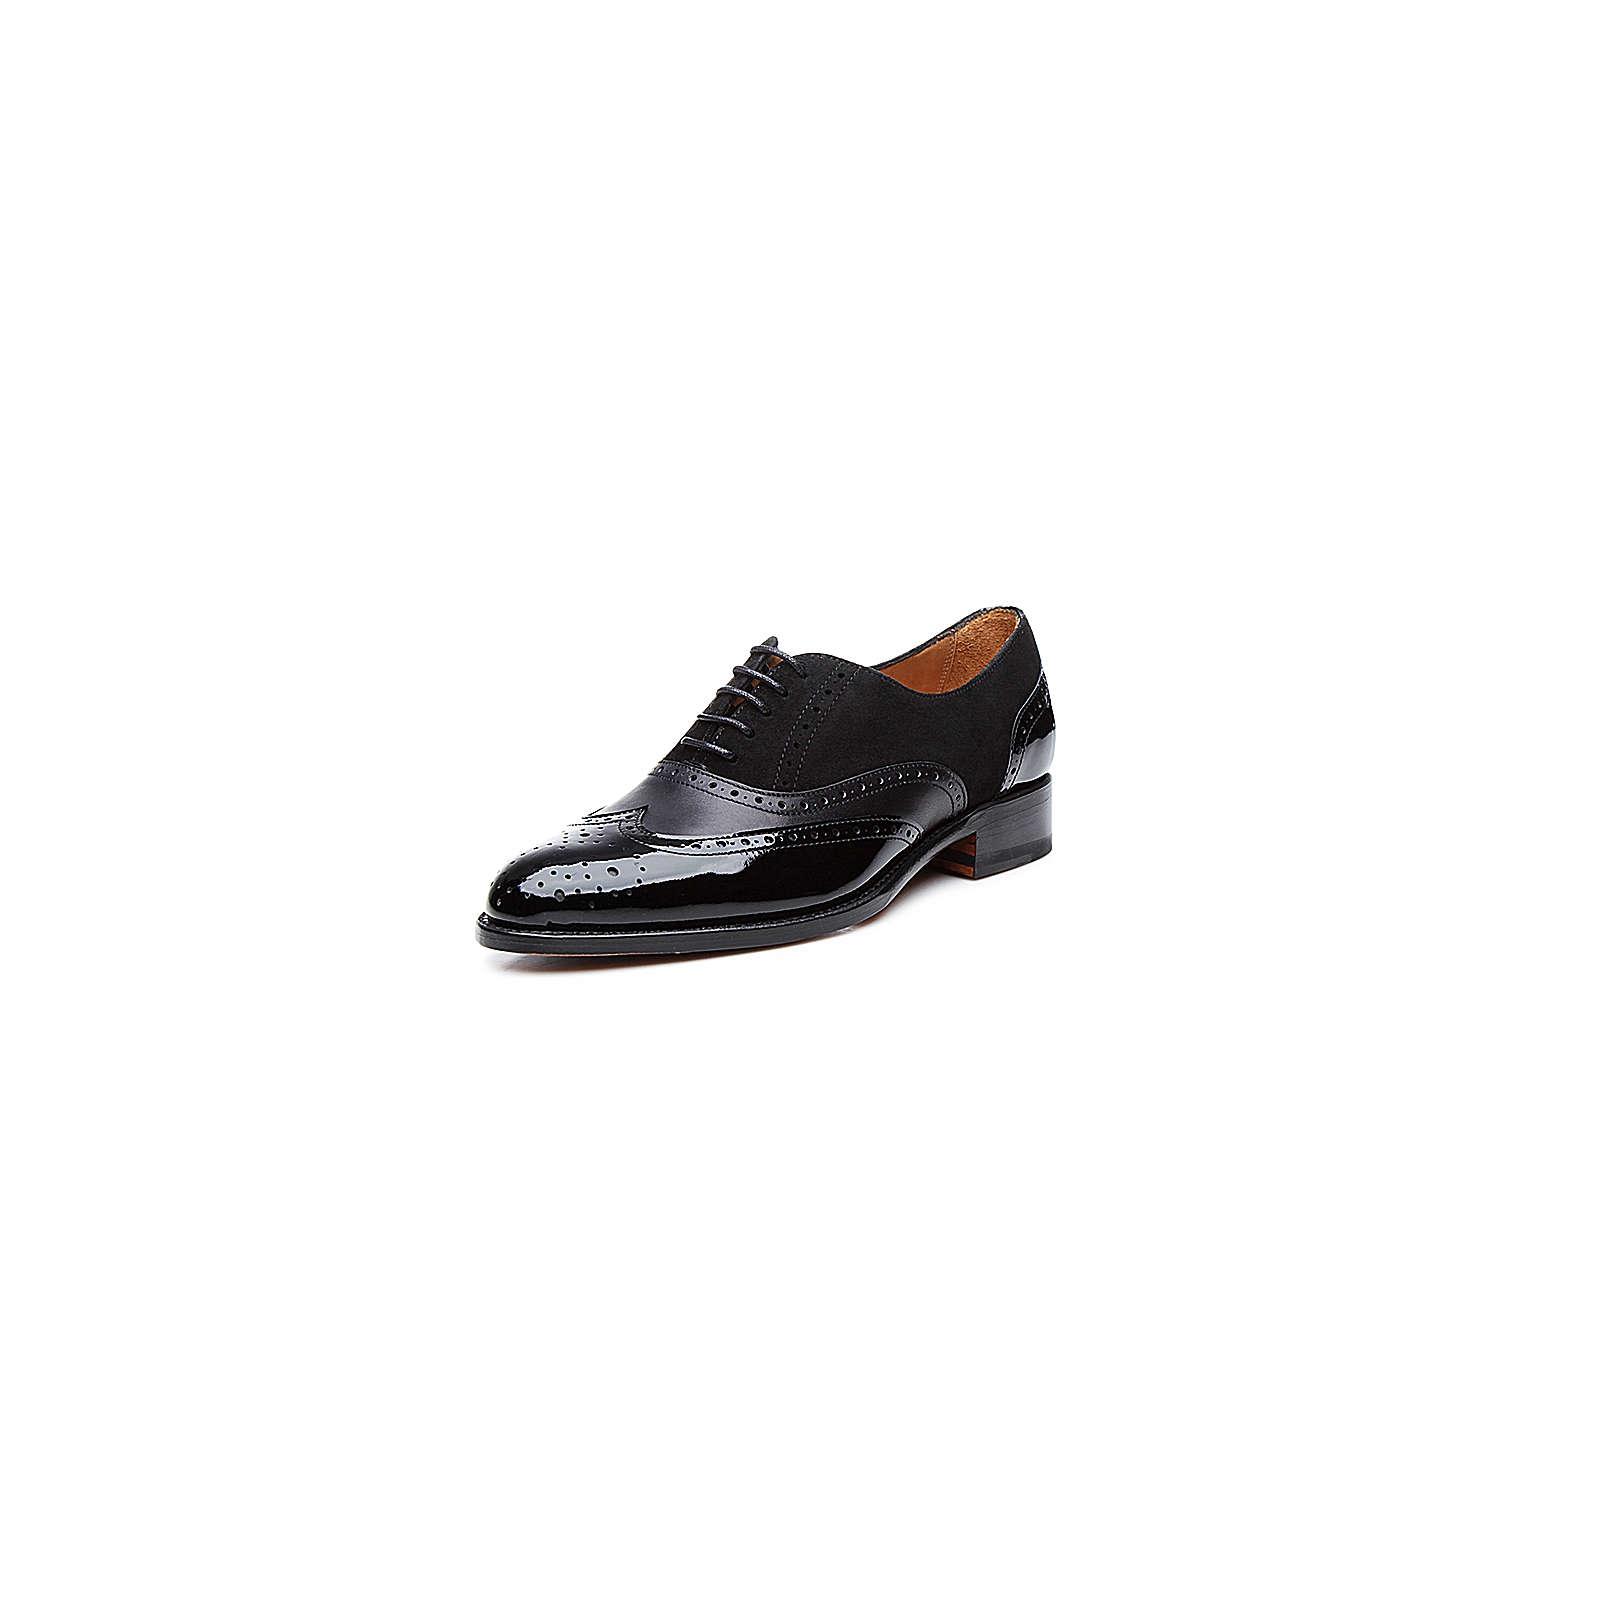 Shoepassion Schnürschuhe No. 1106 Schnürschuhe schwarz Damen Gr. 37,5